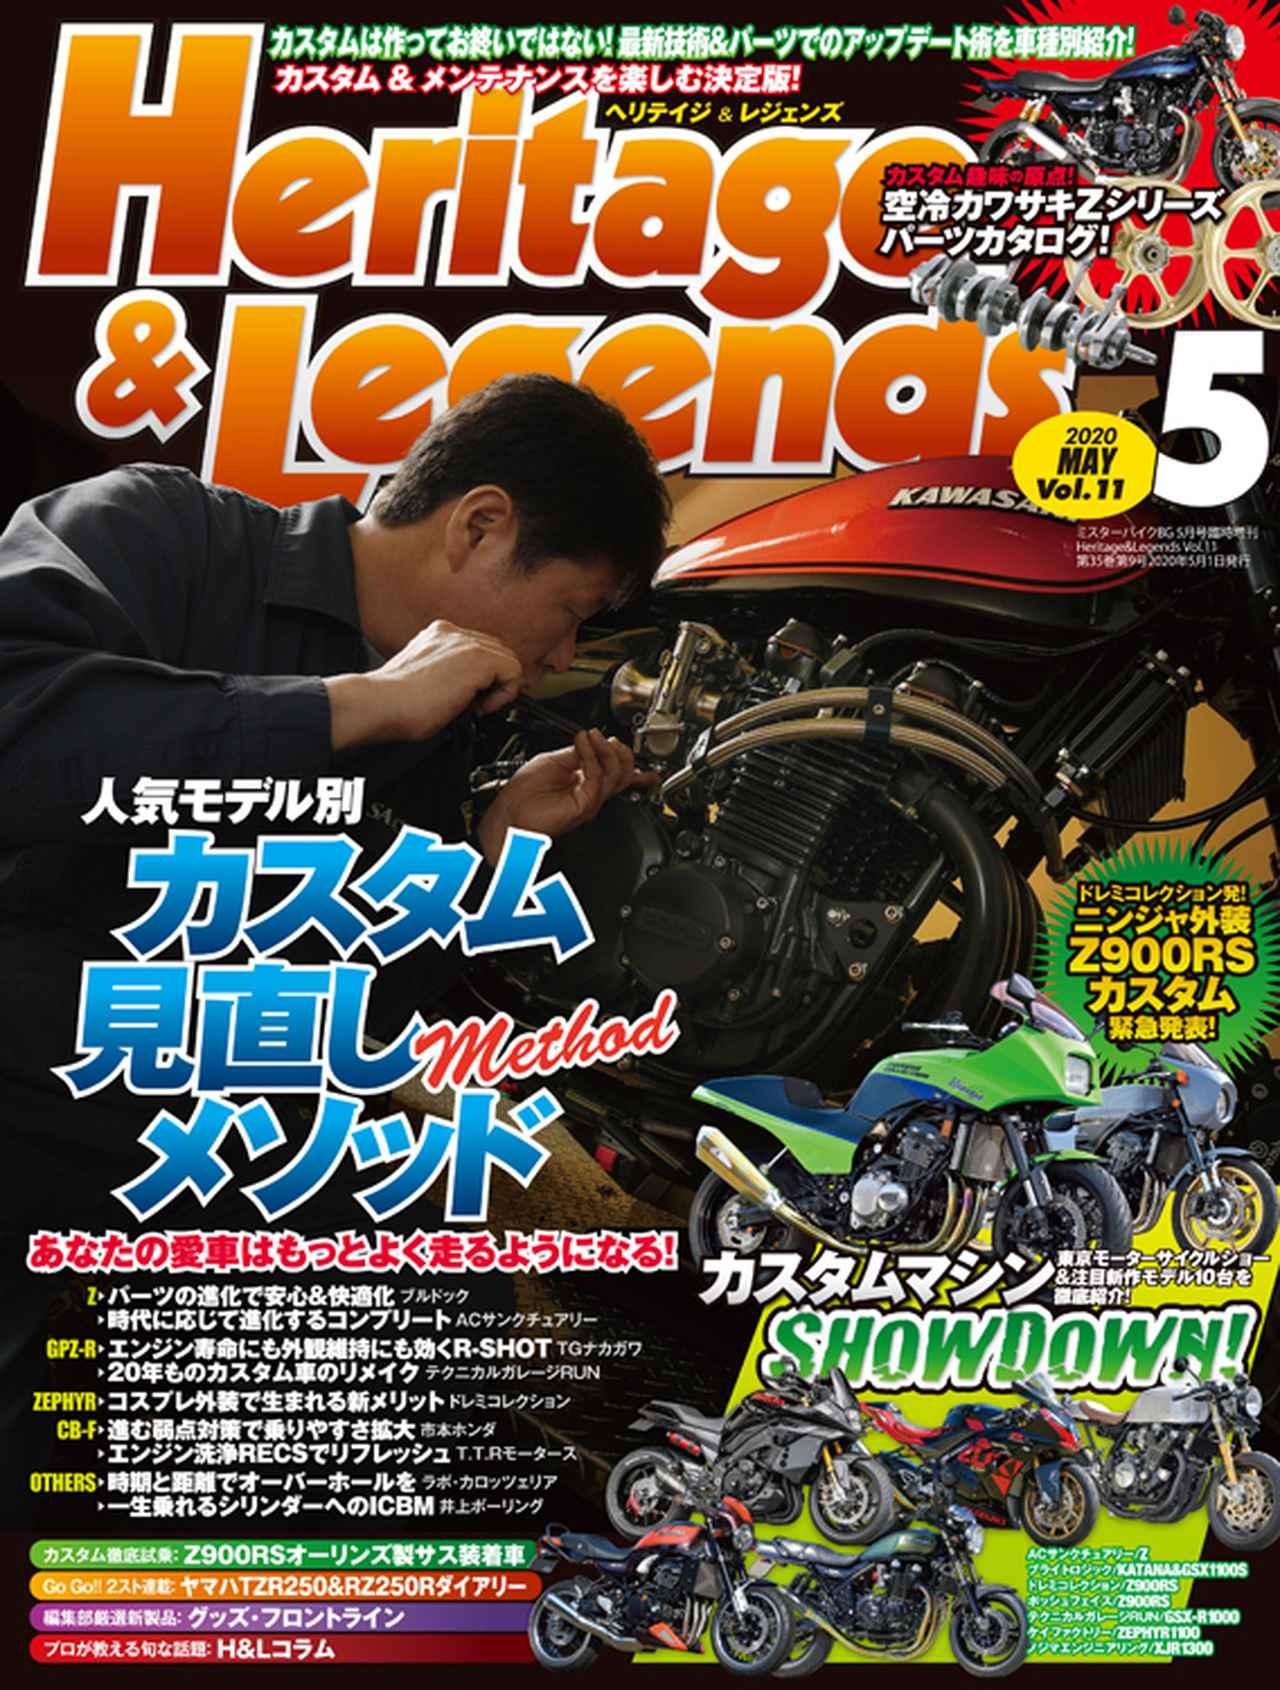 画像: 月刊ヘリテイジ&レジェンズ。 2020年5月号(Vol.11)は3月27日(金)発売   ヘリテイジ&レジェンズ Heritage& Legends